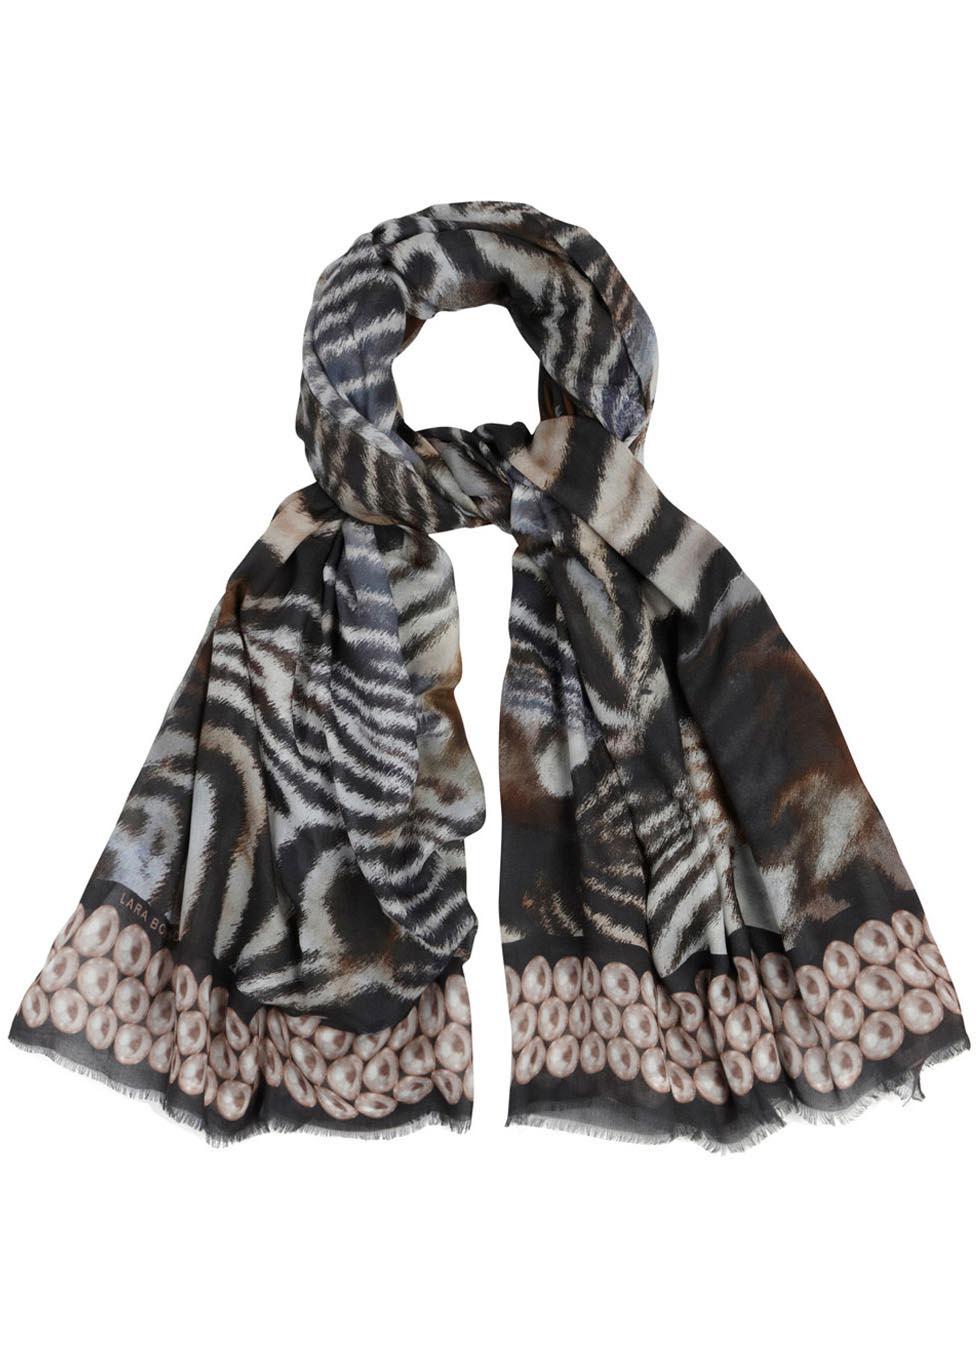 Zebra print twill scarf